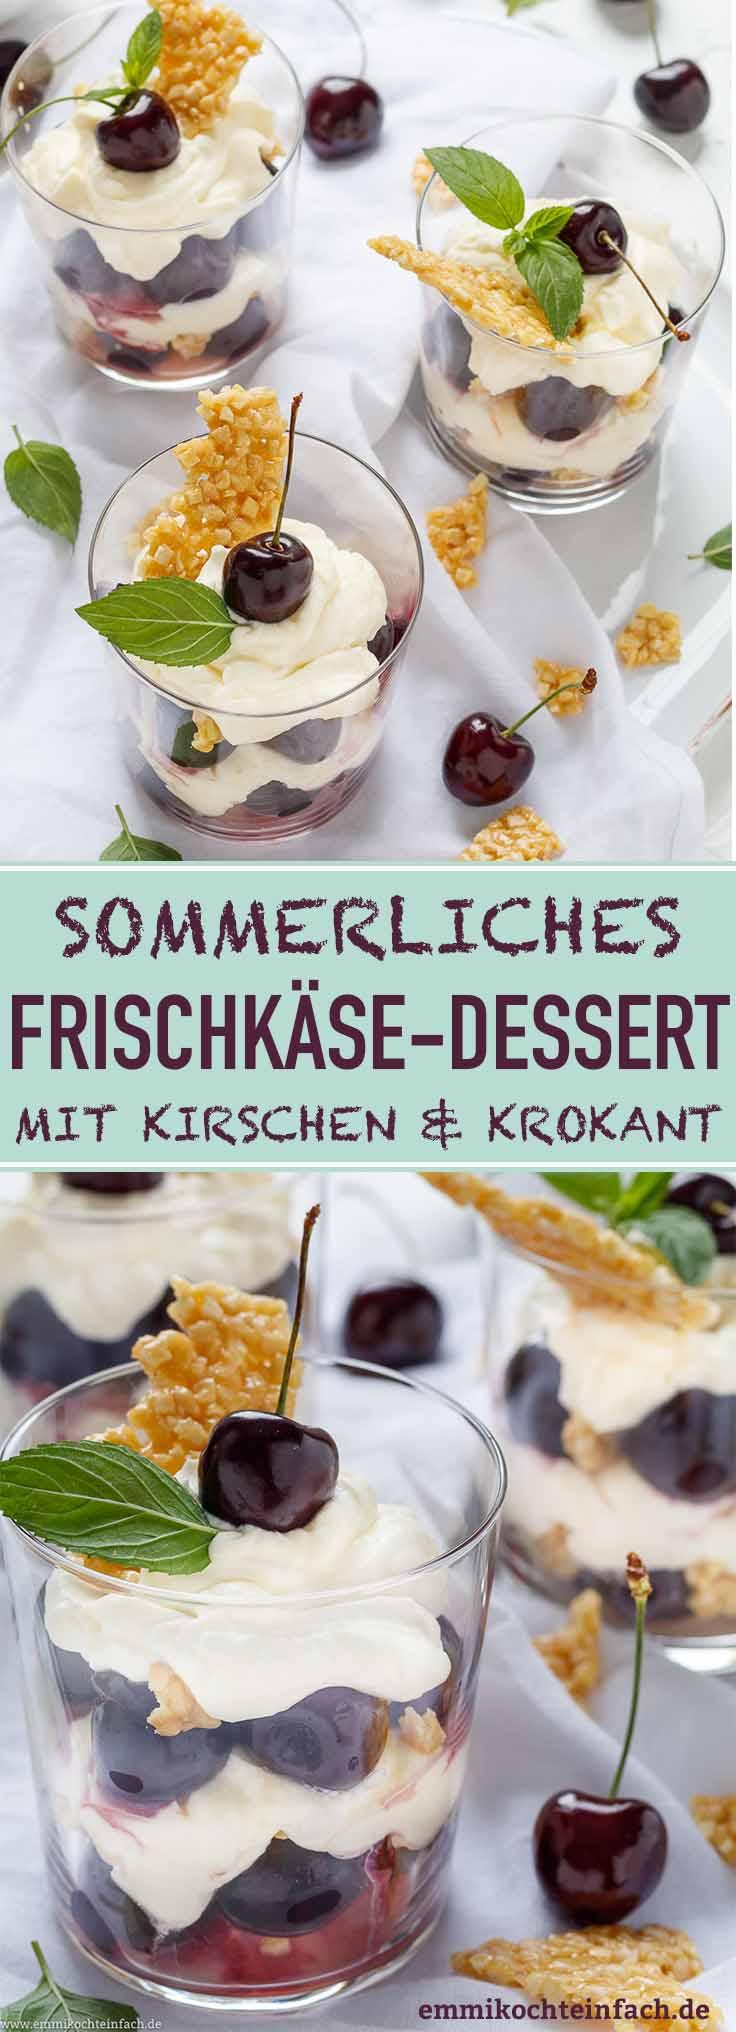 Frischkäse Dessert mit Kirschen und Krokant - www.emmikochteinfach.de